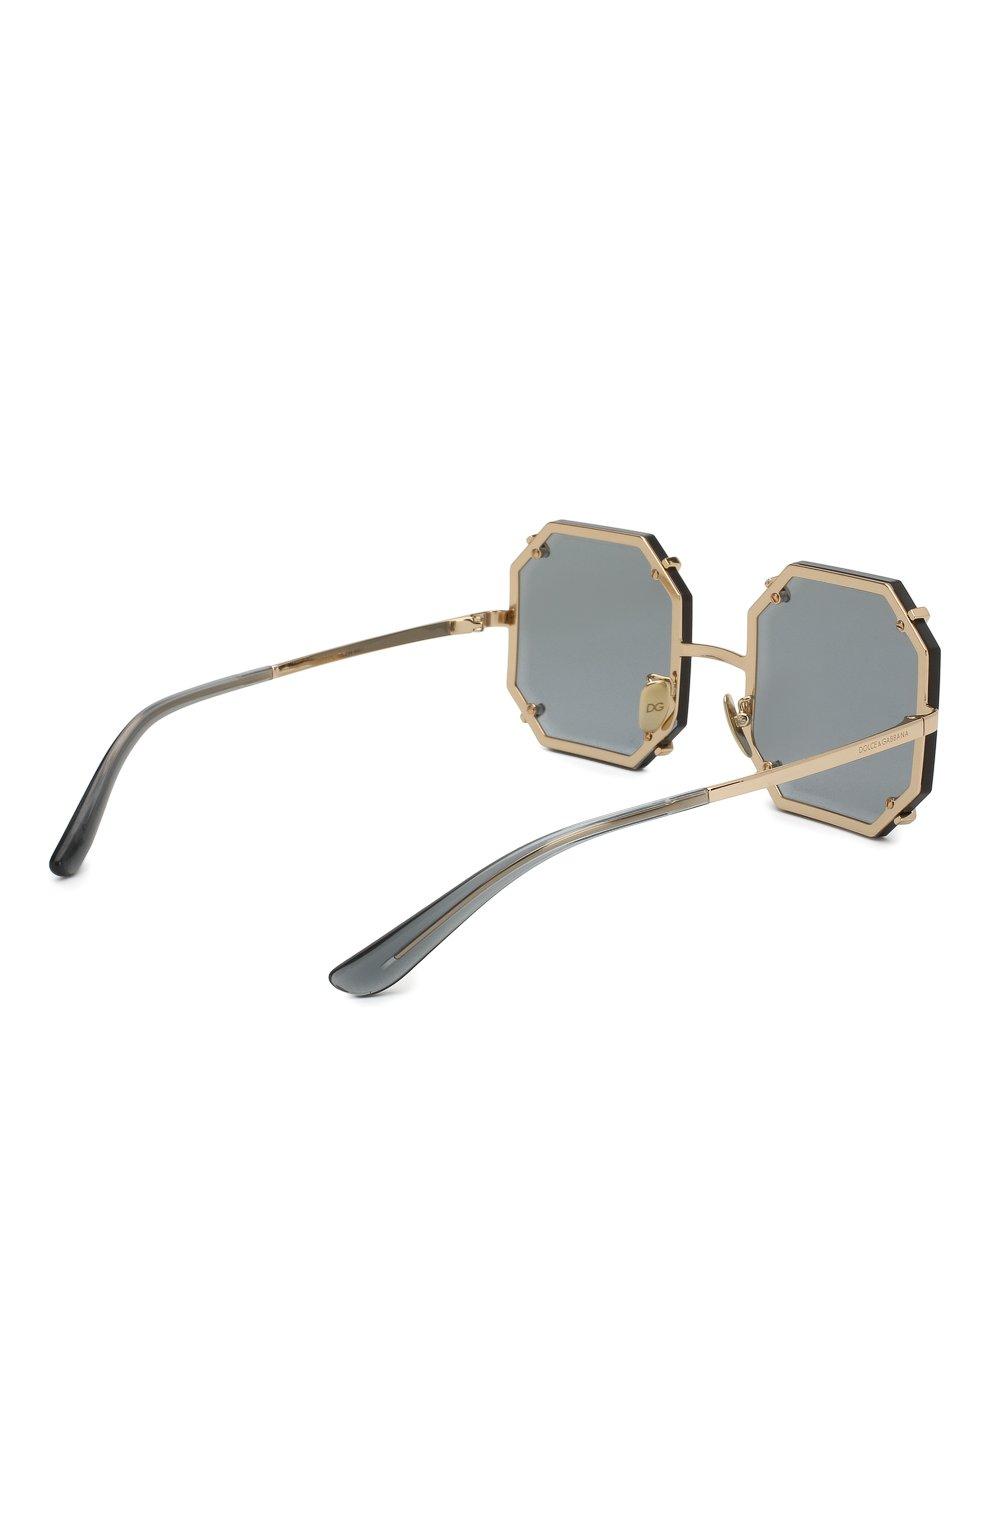 Женские солнцезащитные очки DOLCE & GABBANA серого цвета, арт. 2216-02/87 | Фото 4